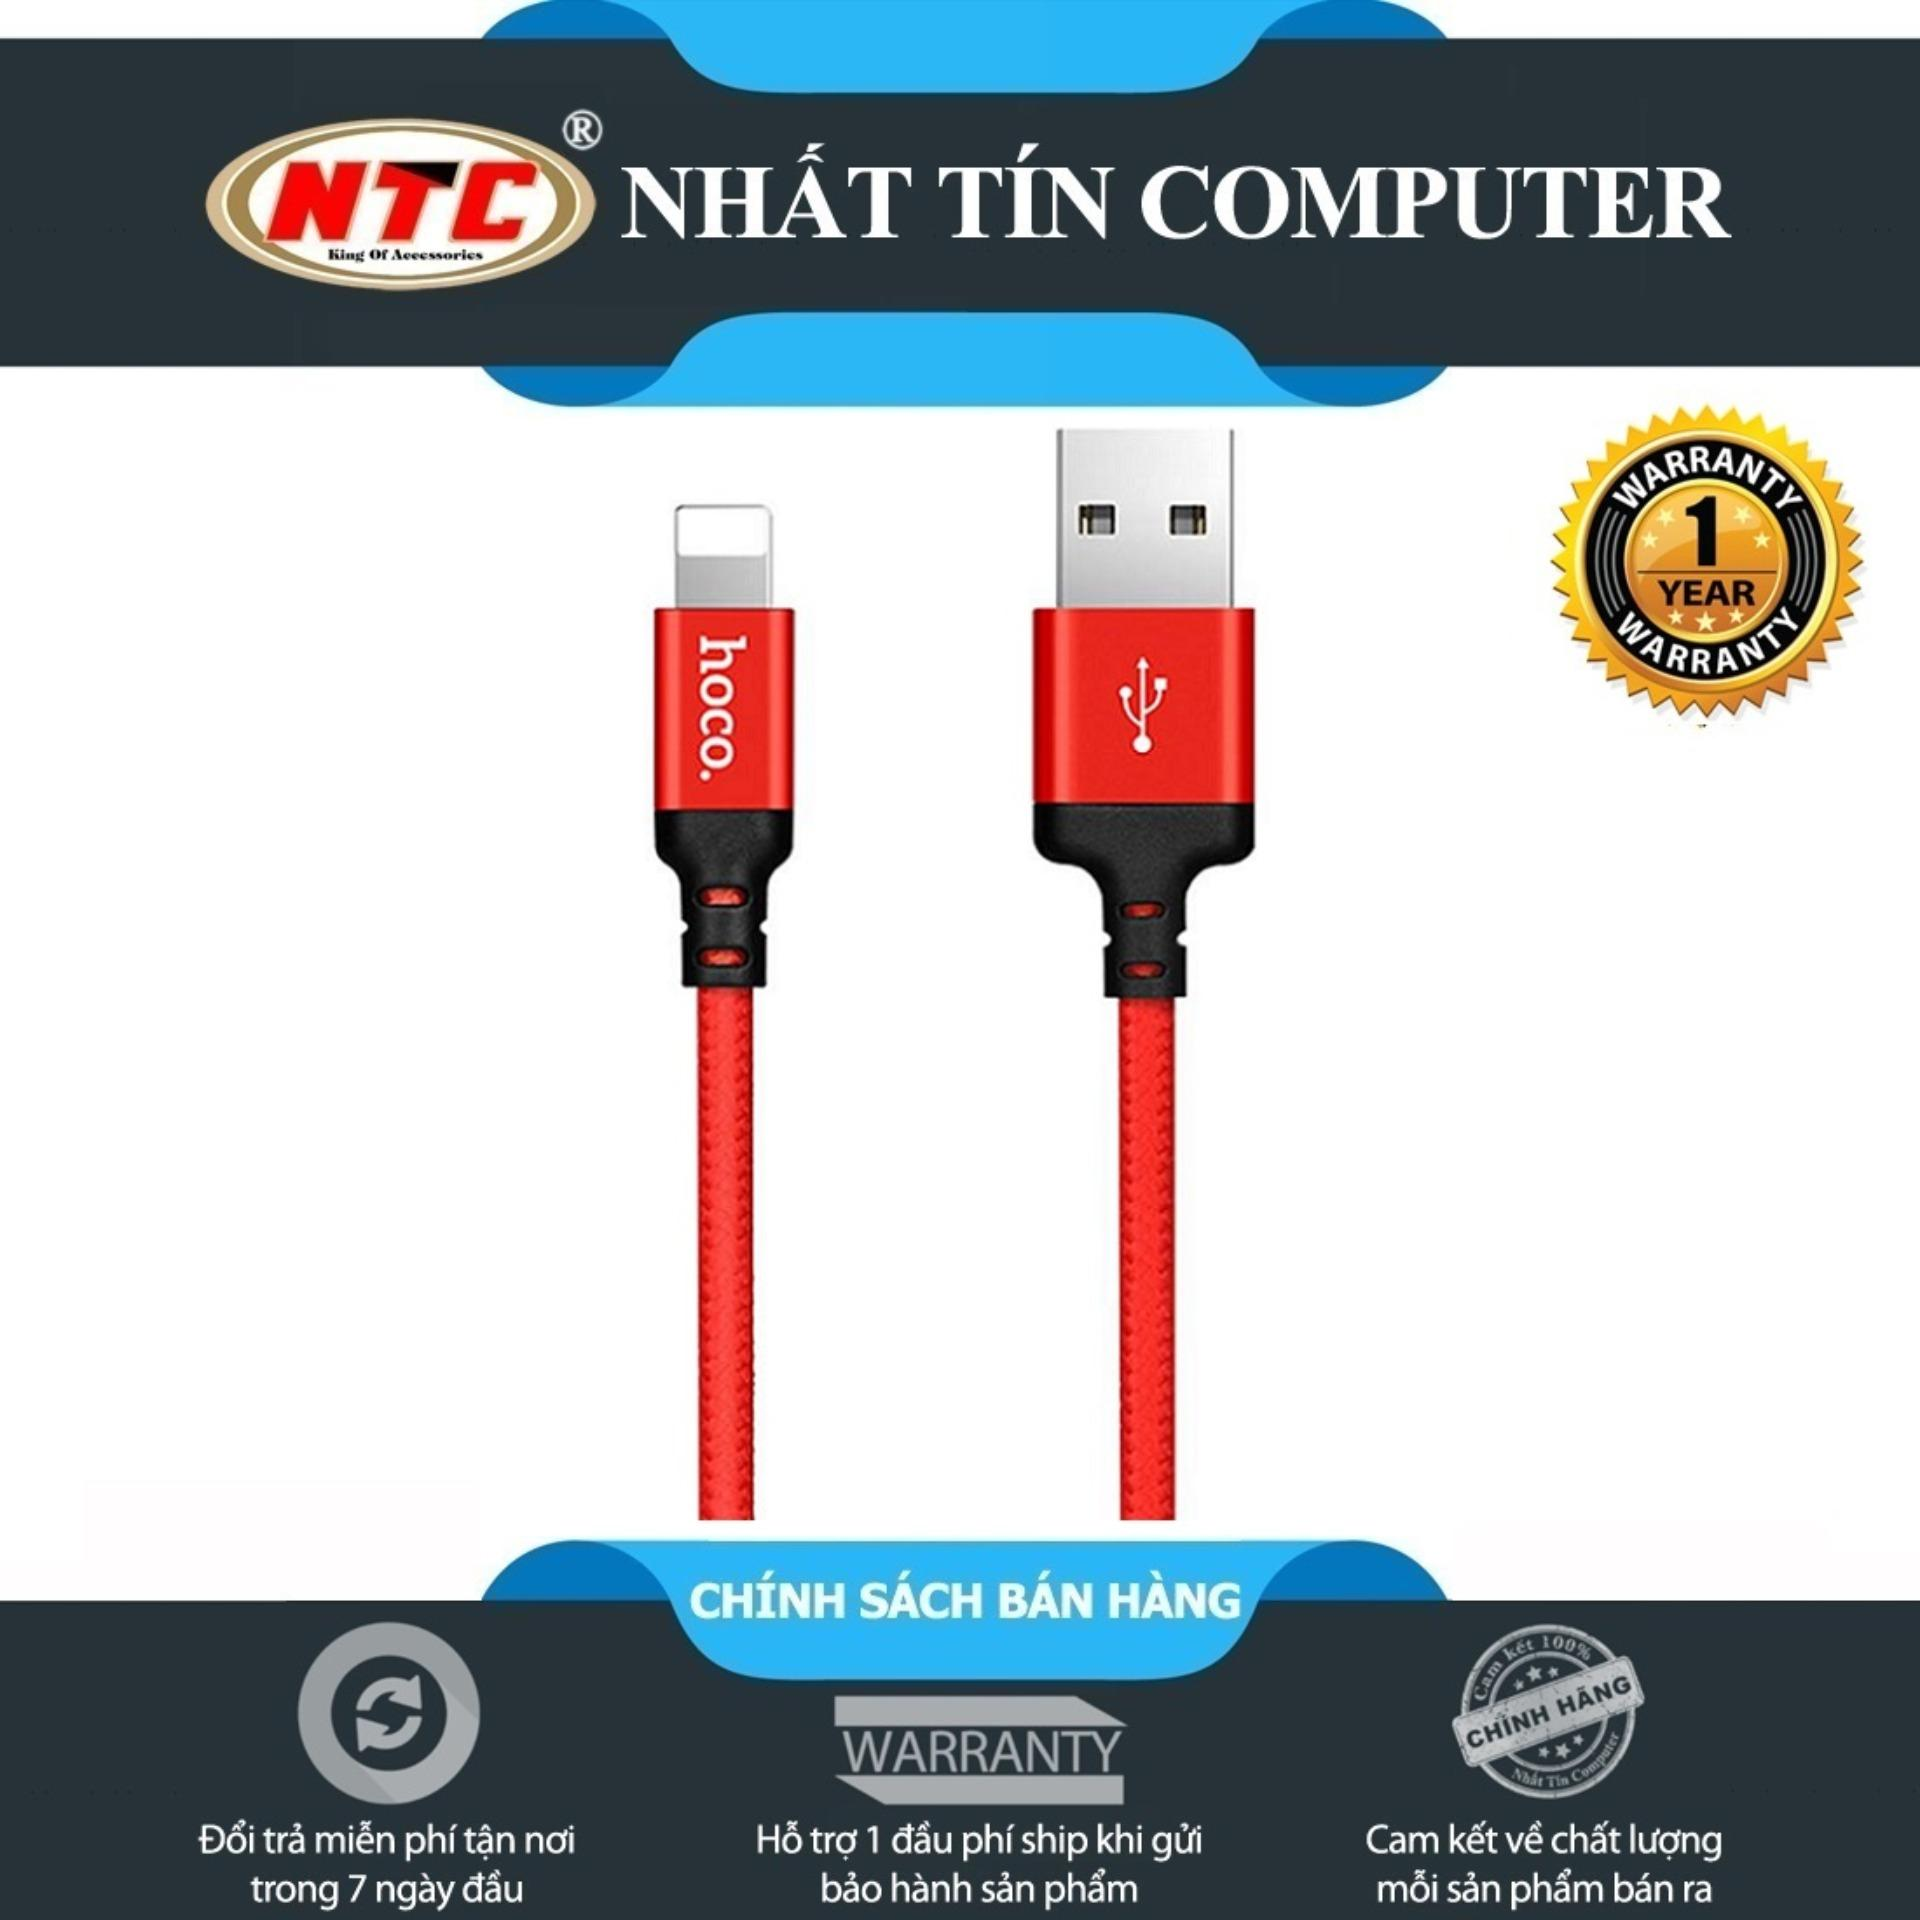 Bảng Giá Cáp sạc dây dù Hoco X14 dài 2M – cổng Lightning – Hãng phân phối chính thức Tại Nhất Tín Computer (Tp.HCM)